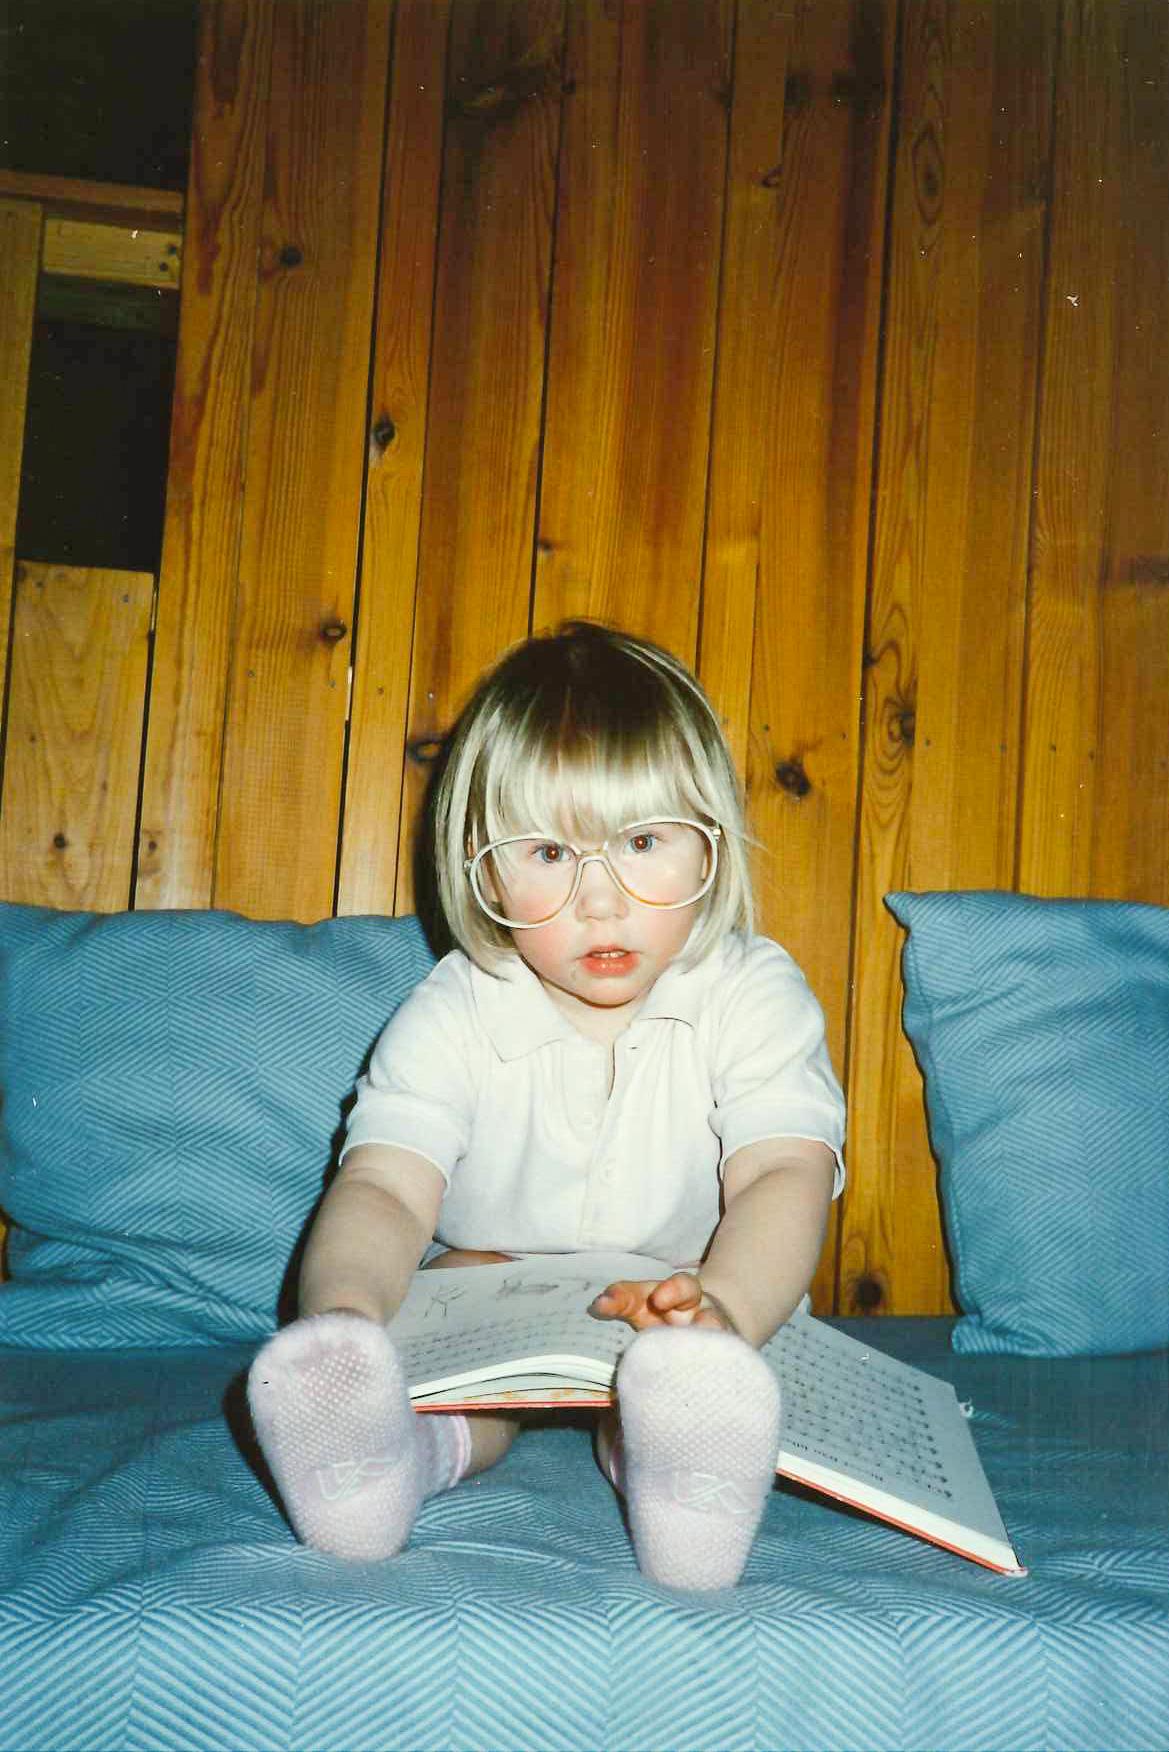 Läsnörd redan i tidig ålder (fast det här verkar vara en sångbok).